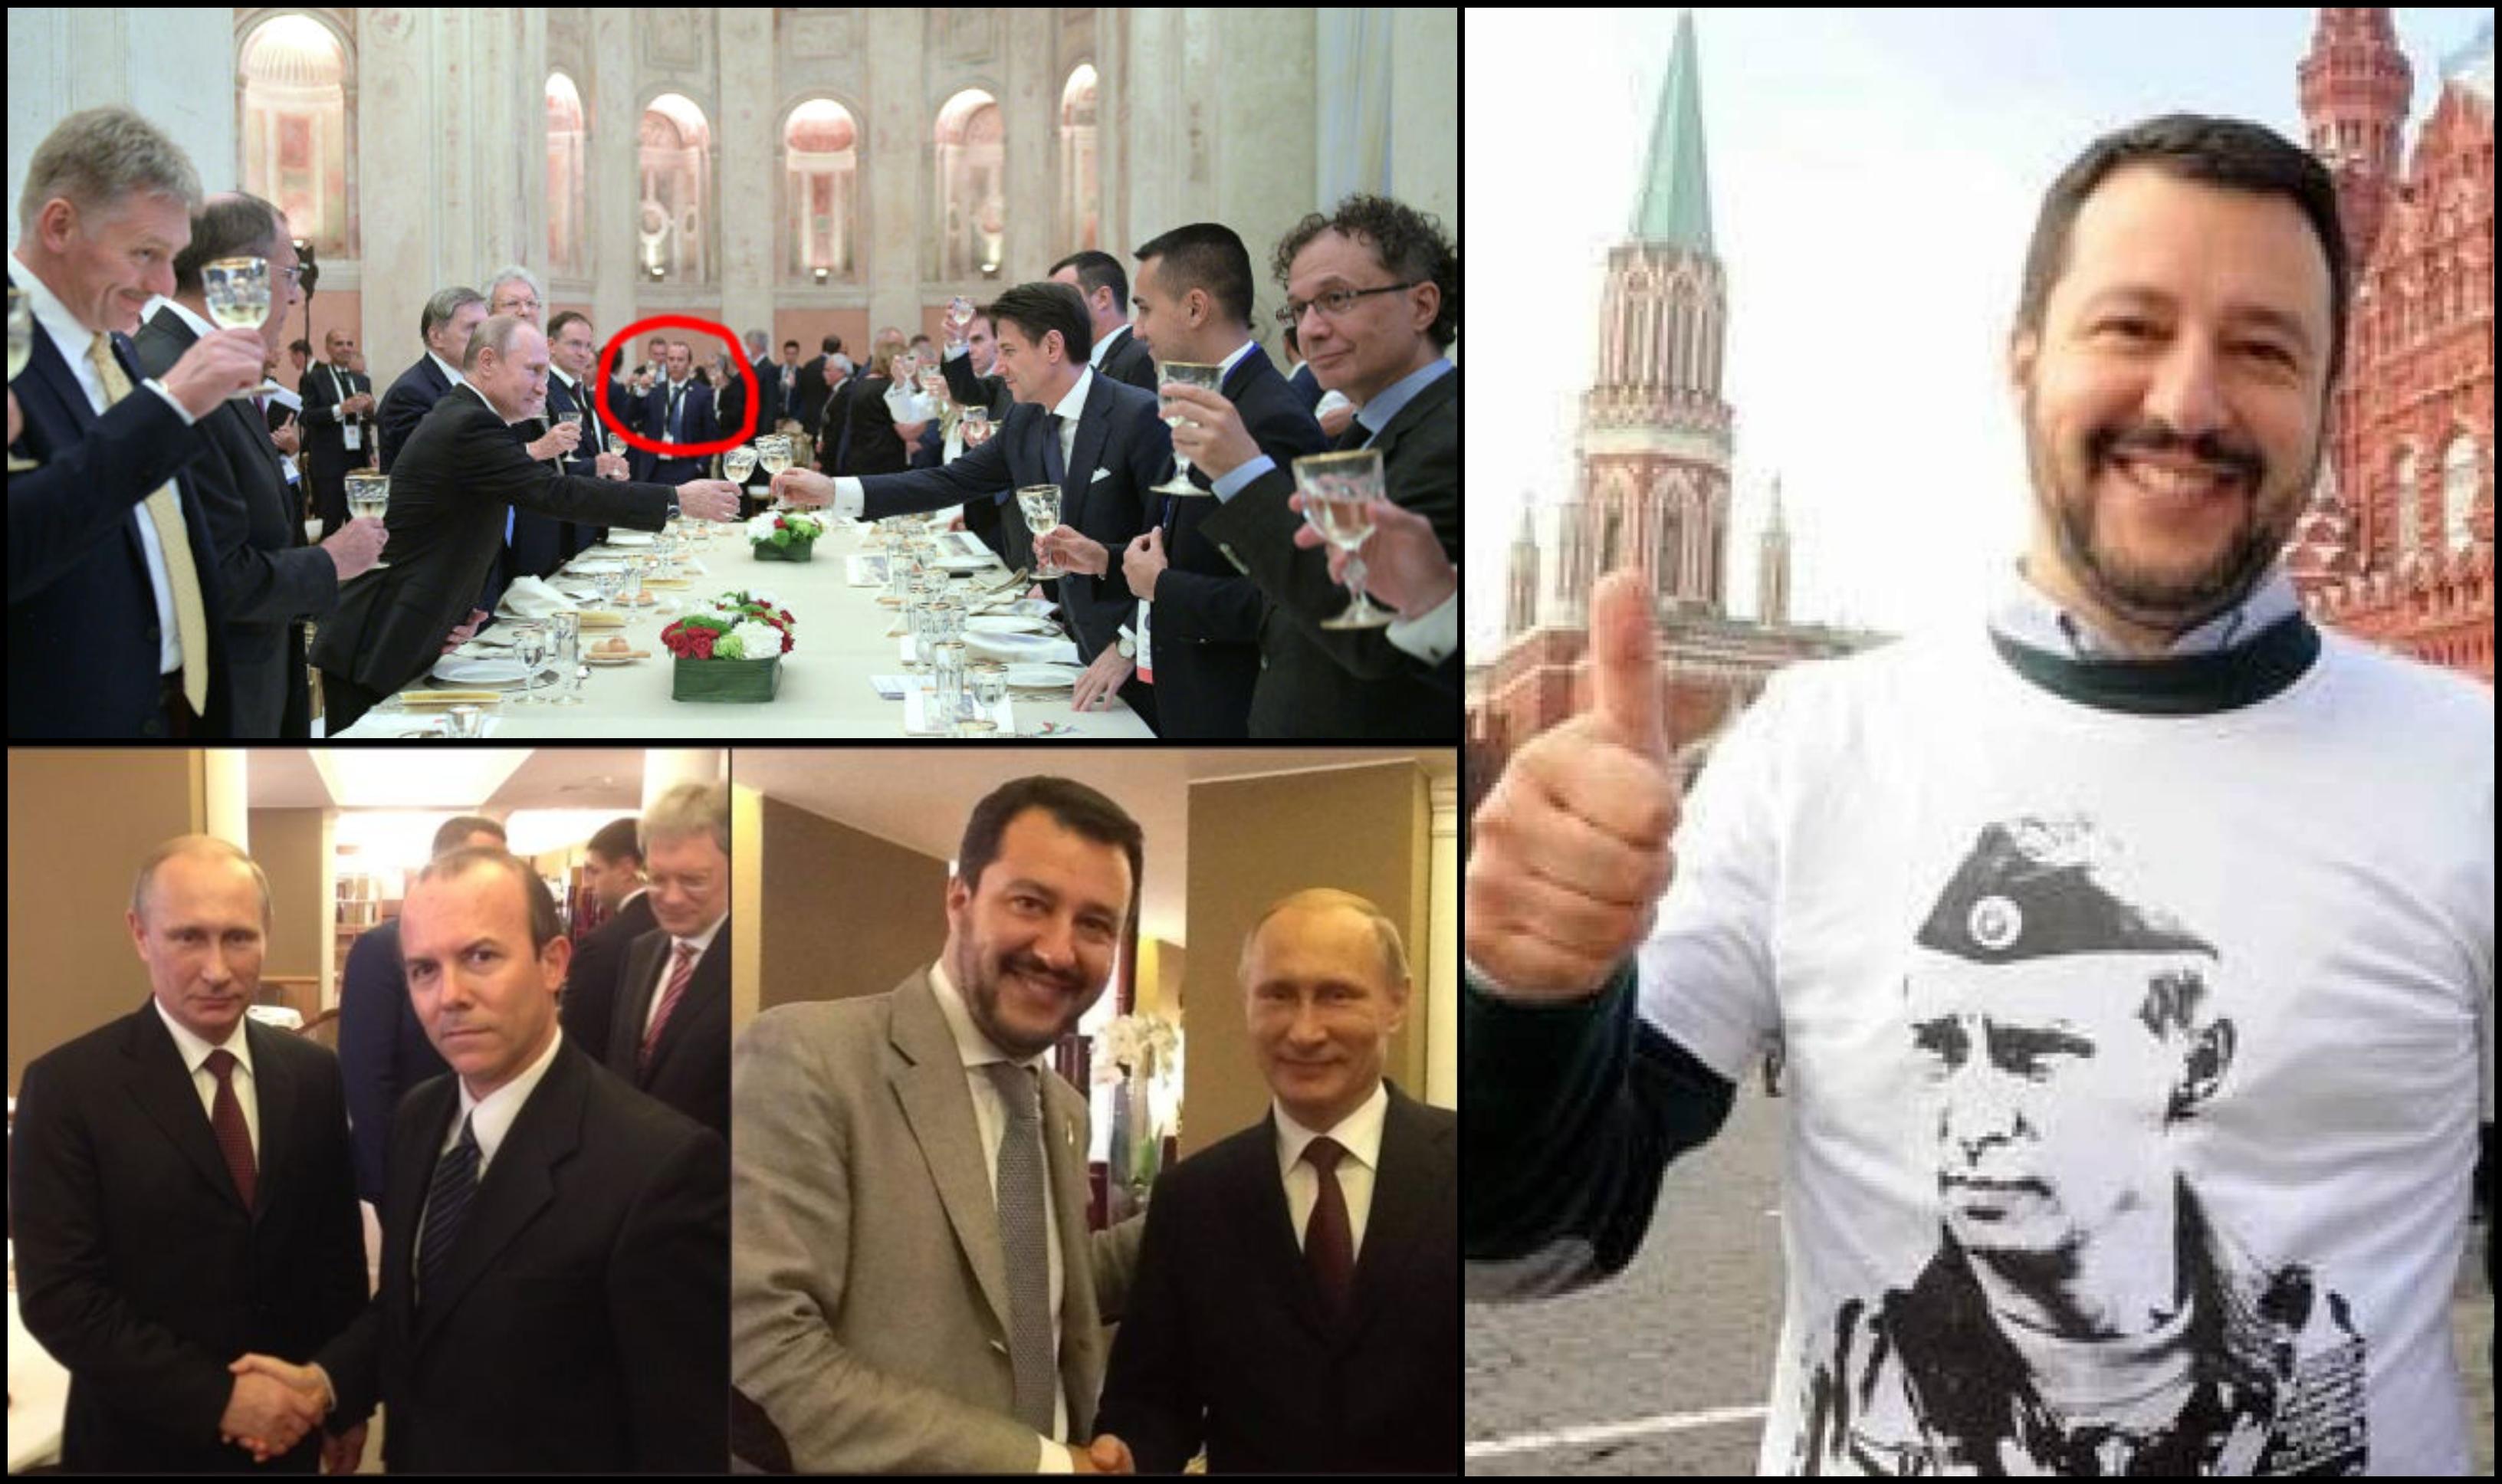 Azonosították a két oroszt, akik a Salvini pártjának szánt titkos dollármilliókról tárgyaltak